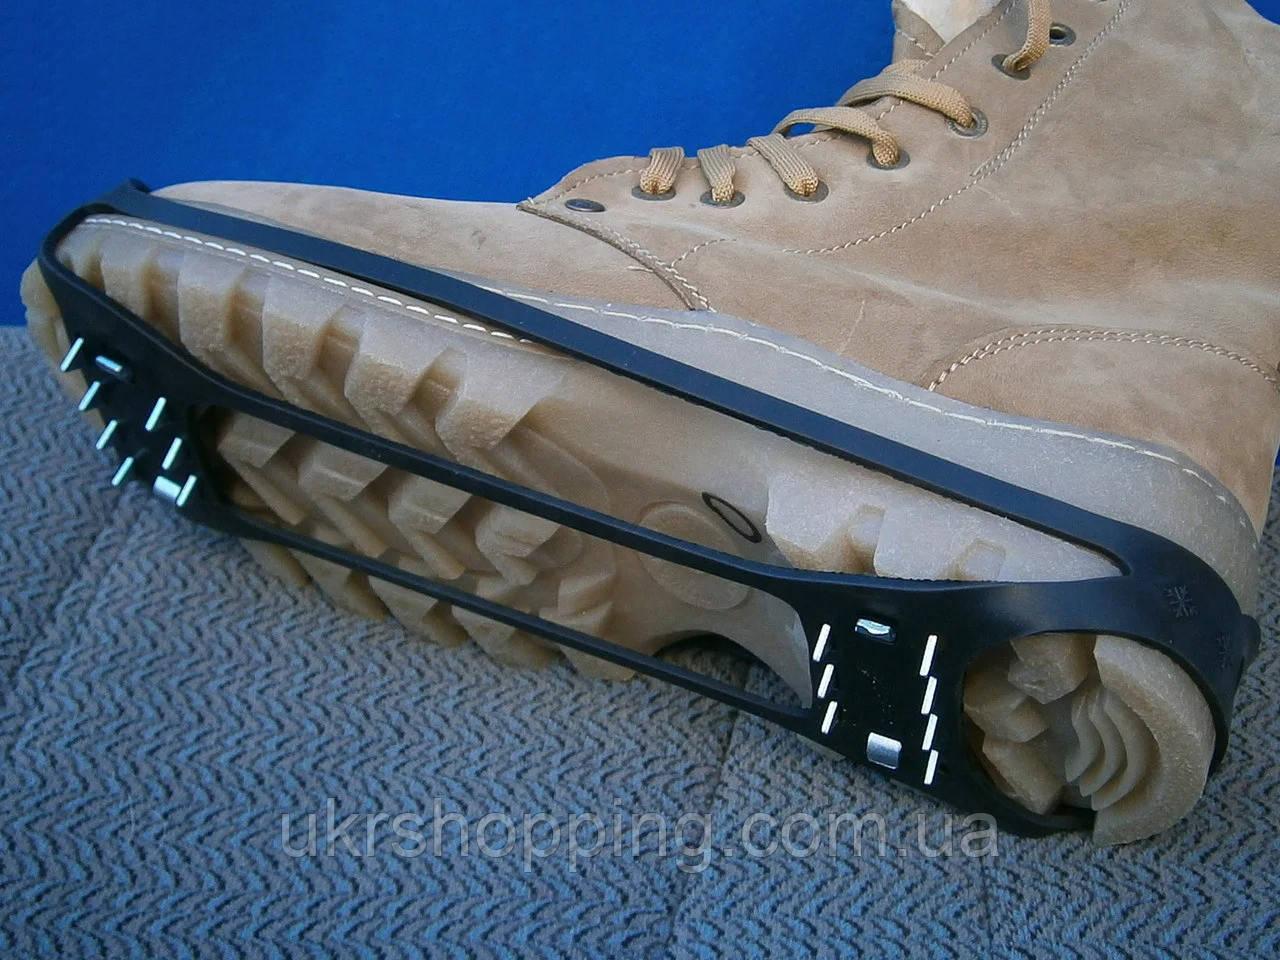 Льодоступи на 28 шипів, розмір 38-46, накладки на взуття проти ковзання   ледоступы на обувь